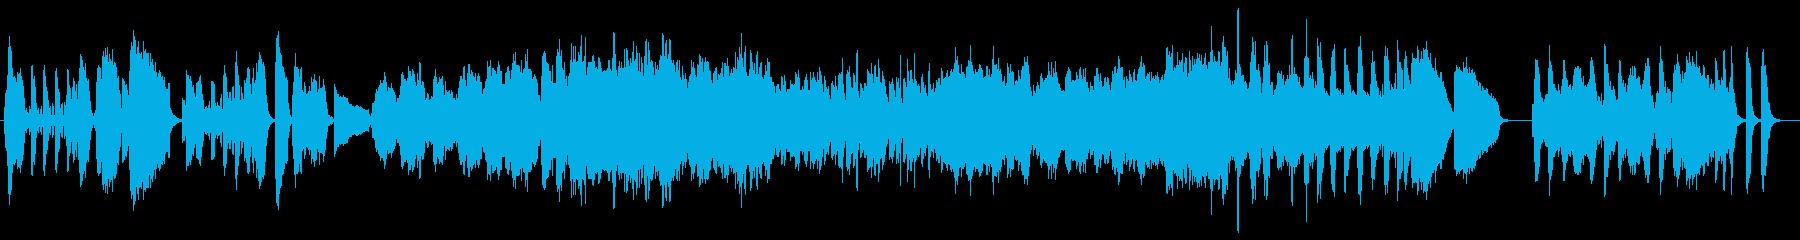 情熱的なバイオリン/クラシック名曲の再生済みの波形